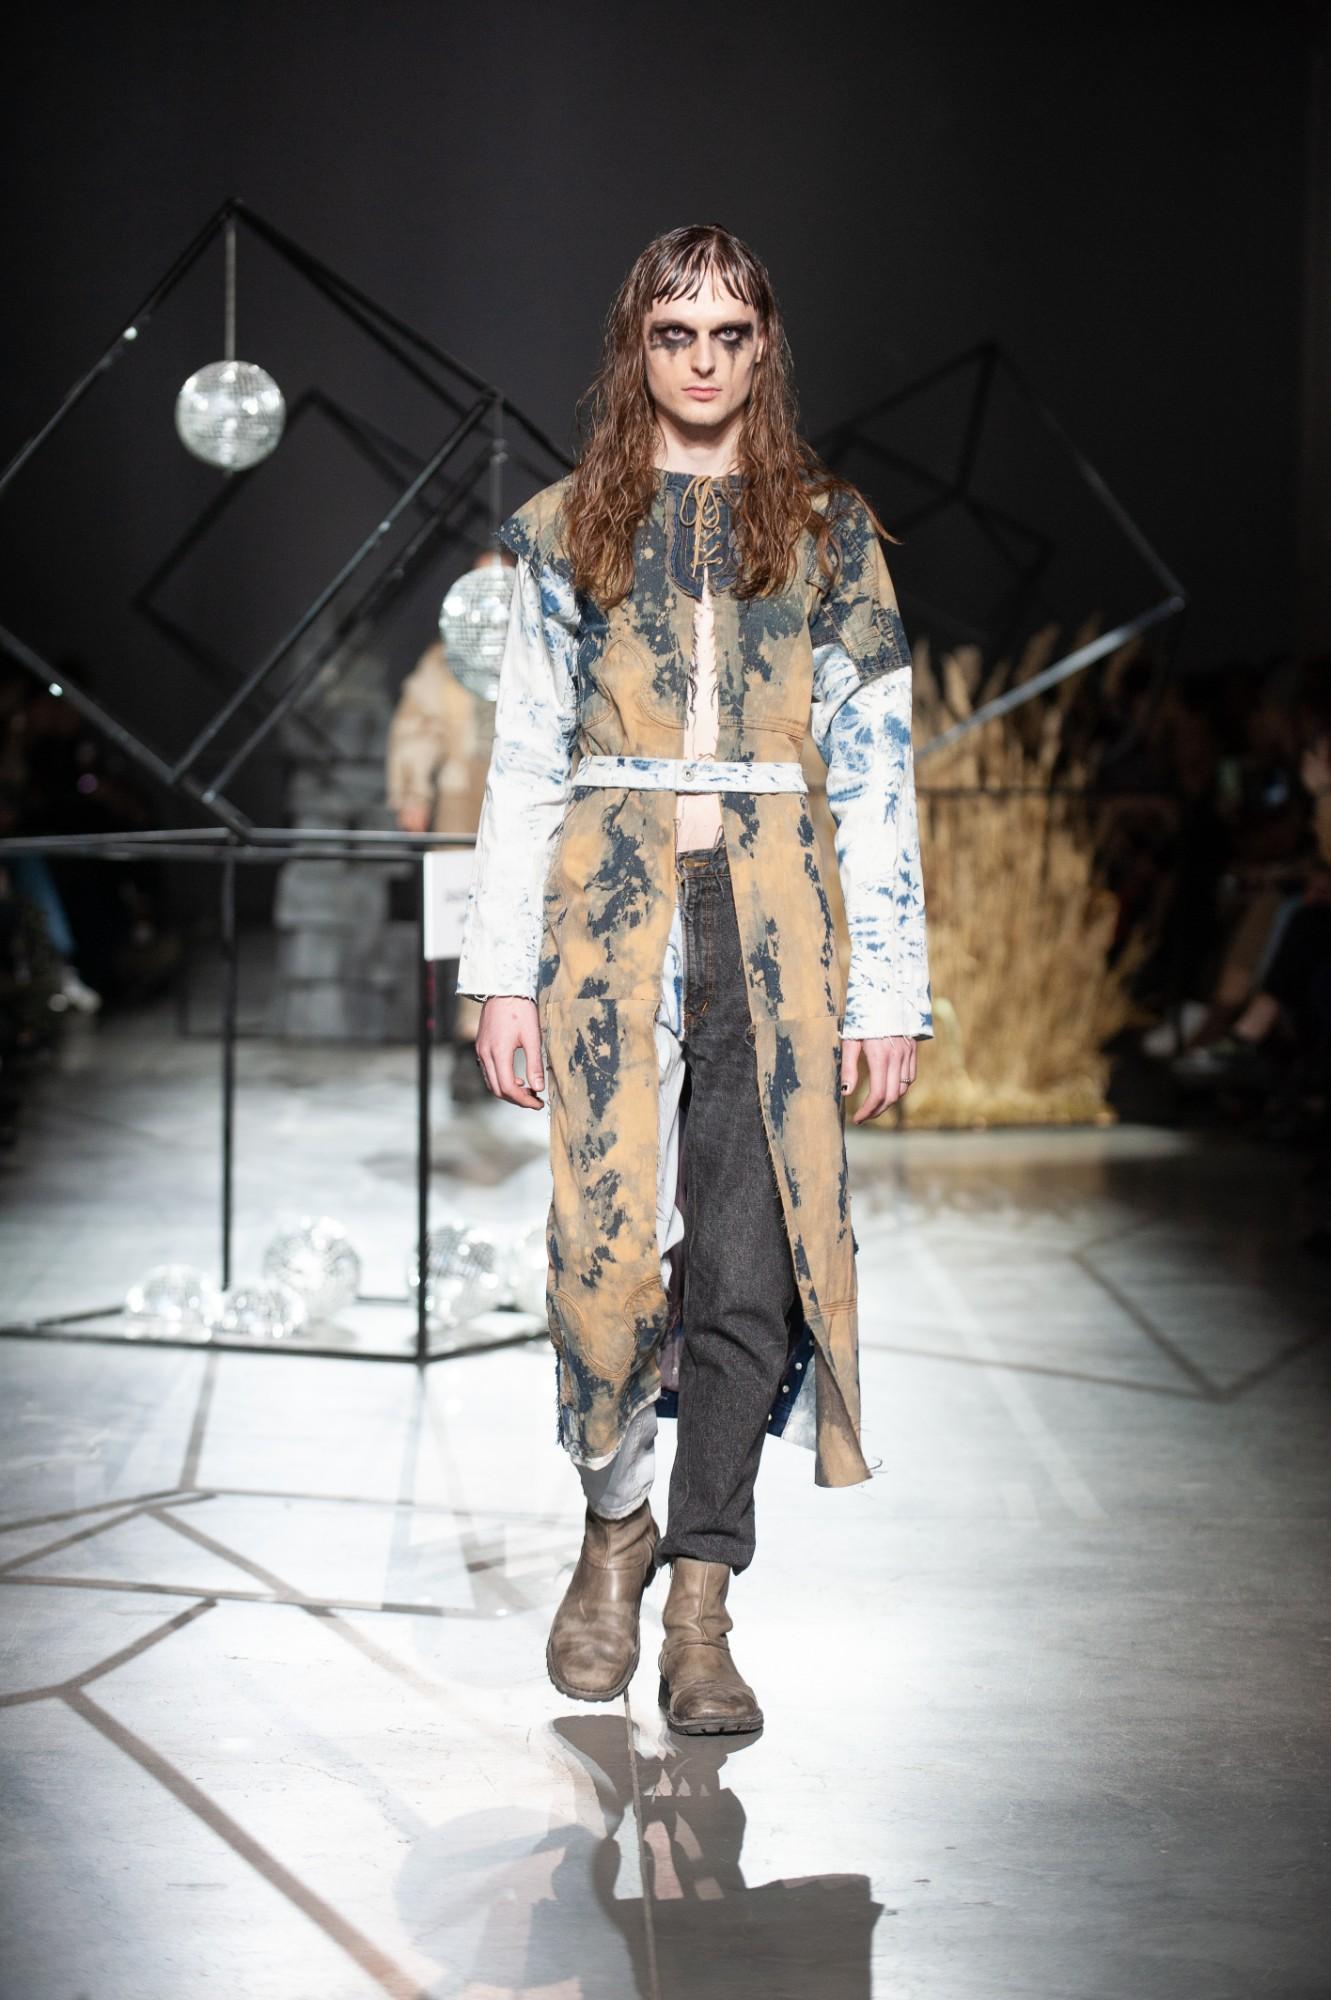 Ukrainian Fashion Week, BE SUSTAINABLE! Fashion Show, Courtesy of Ukrainian Fashion Week